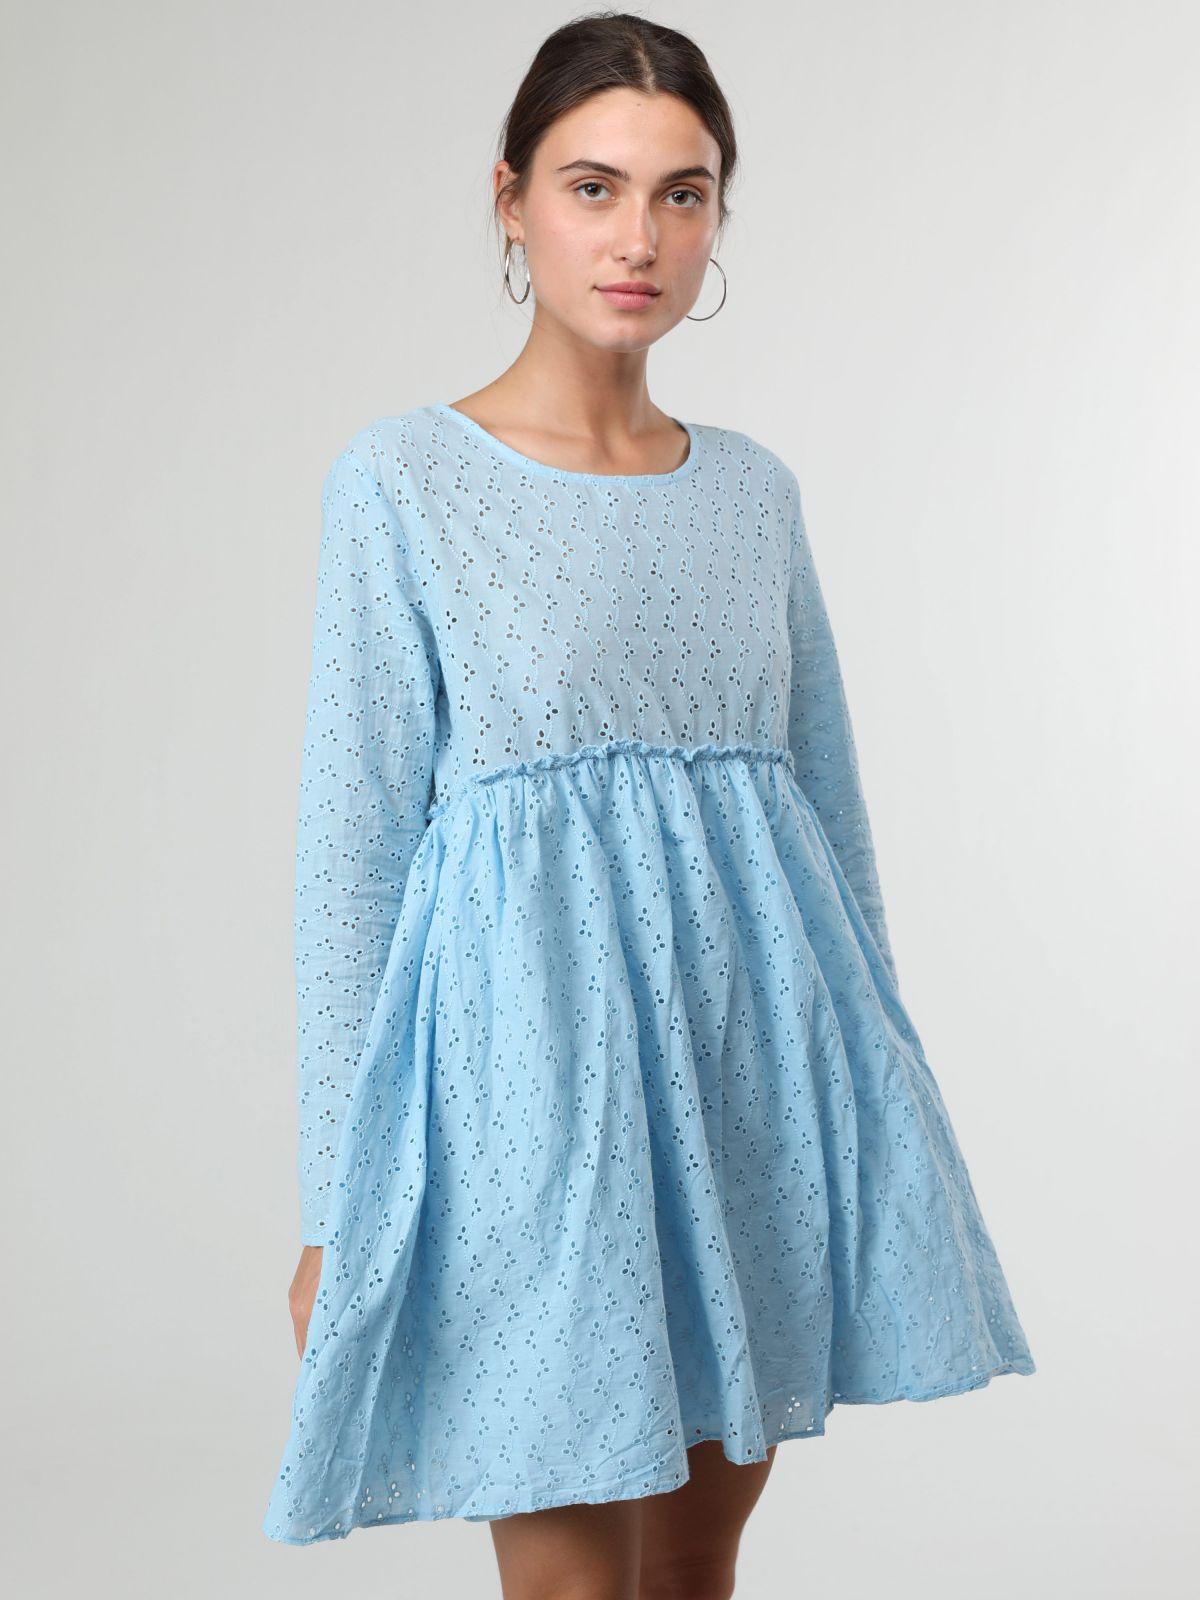 שמלת מיני שרוולים ארוכים עם עיטורי תחרהשמלת מיני שרוולים ארוכים עם עיטורי תחרה של YANGA